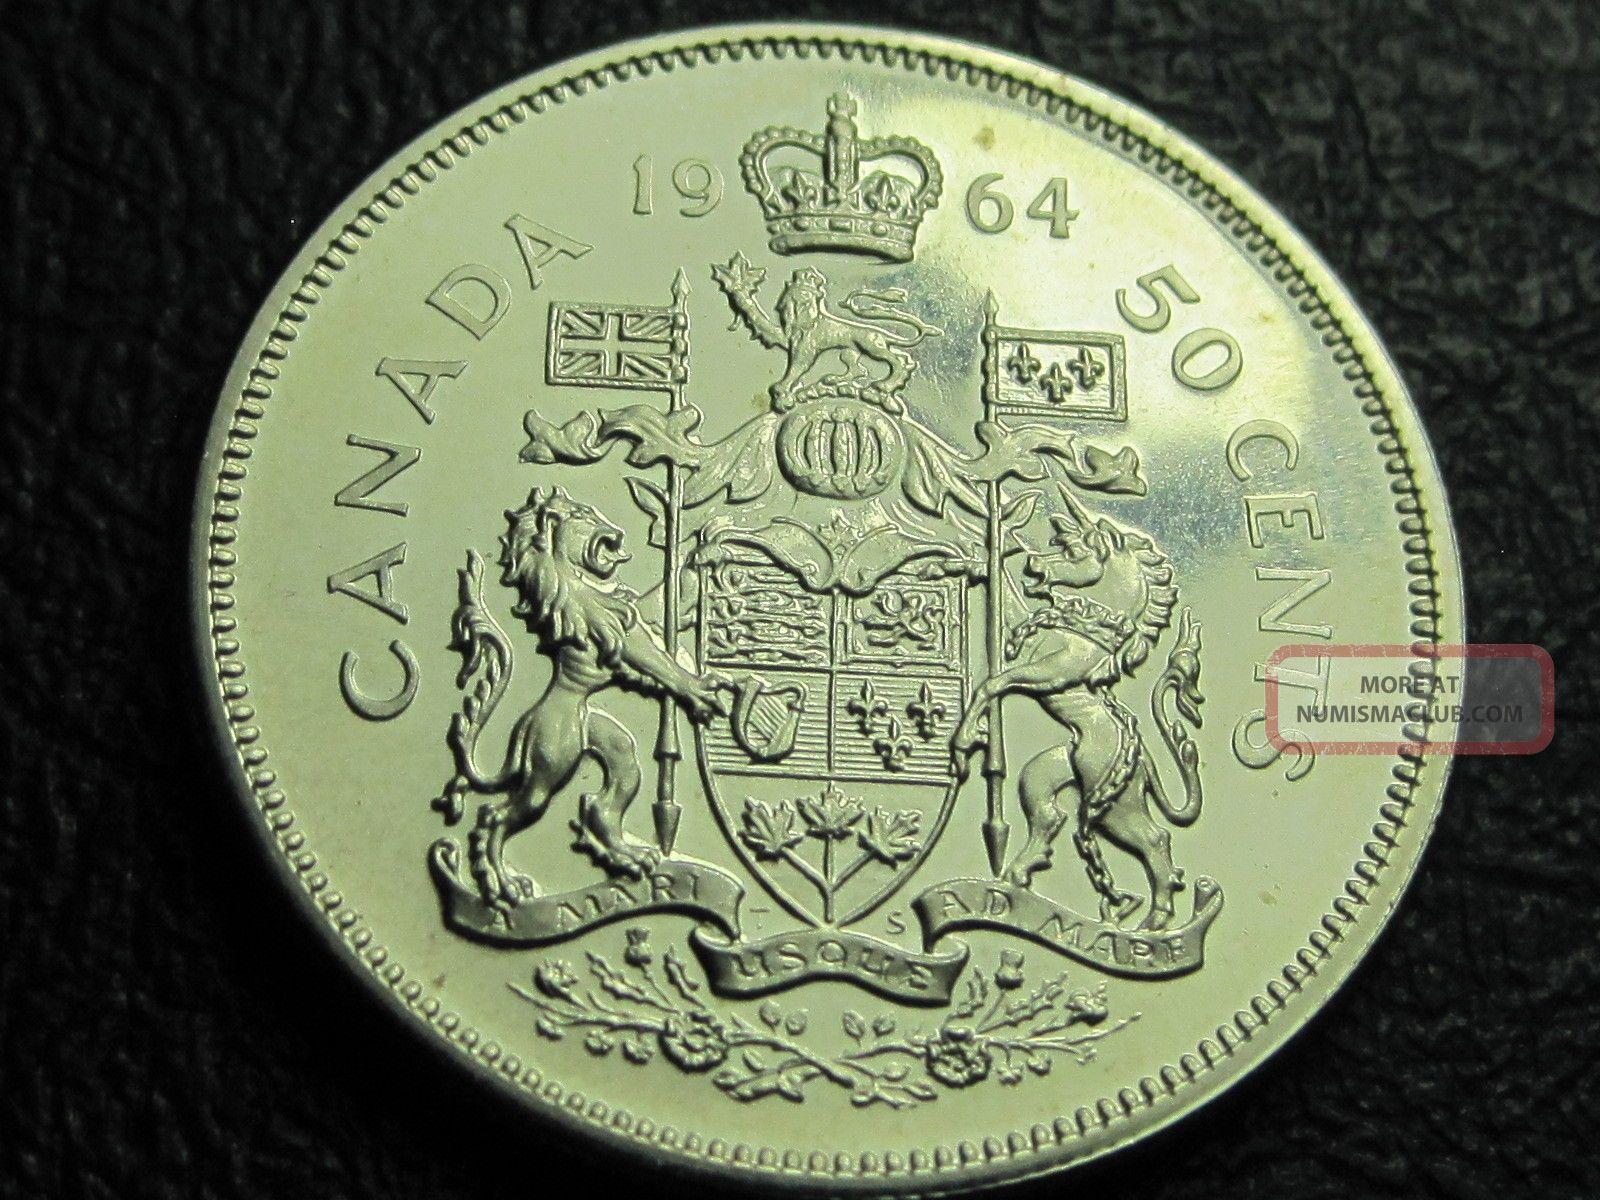 1964 dollar coin